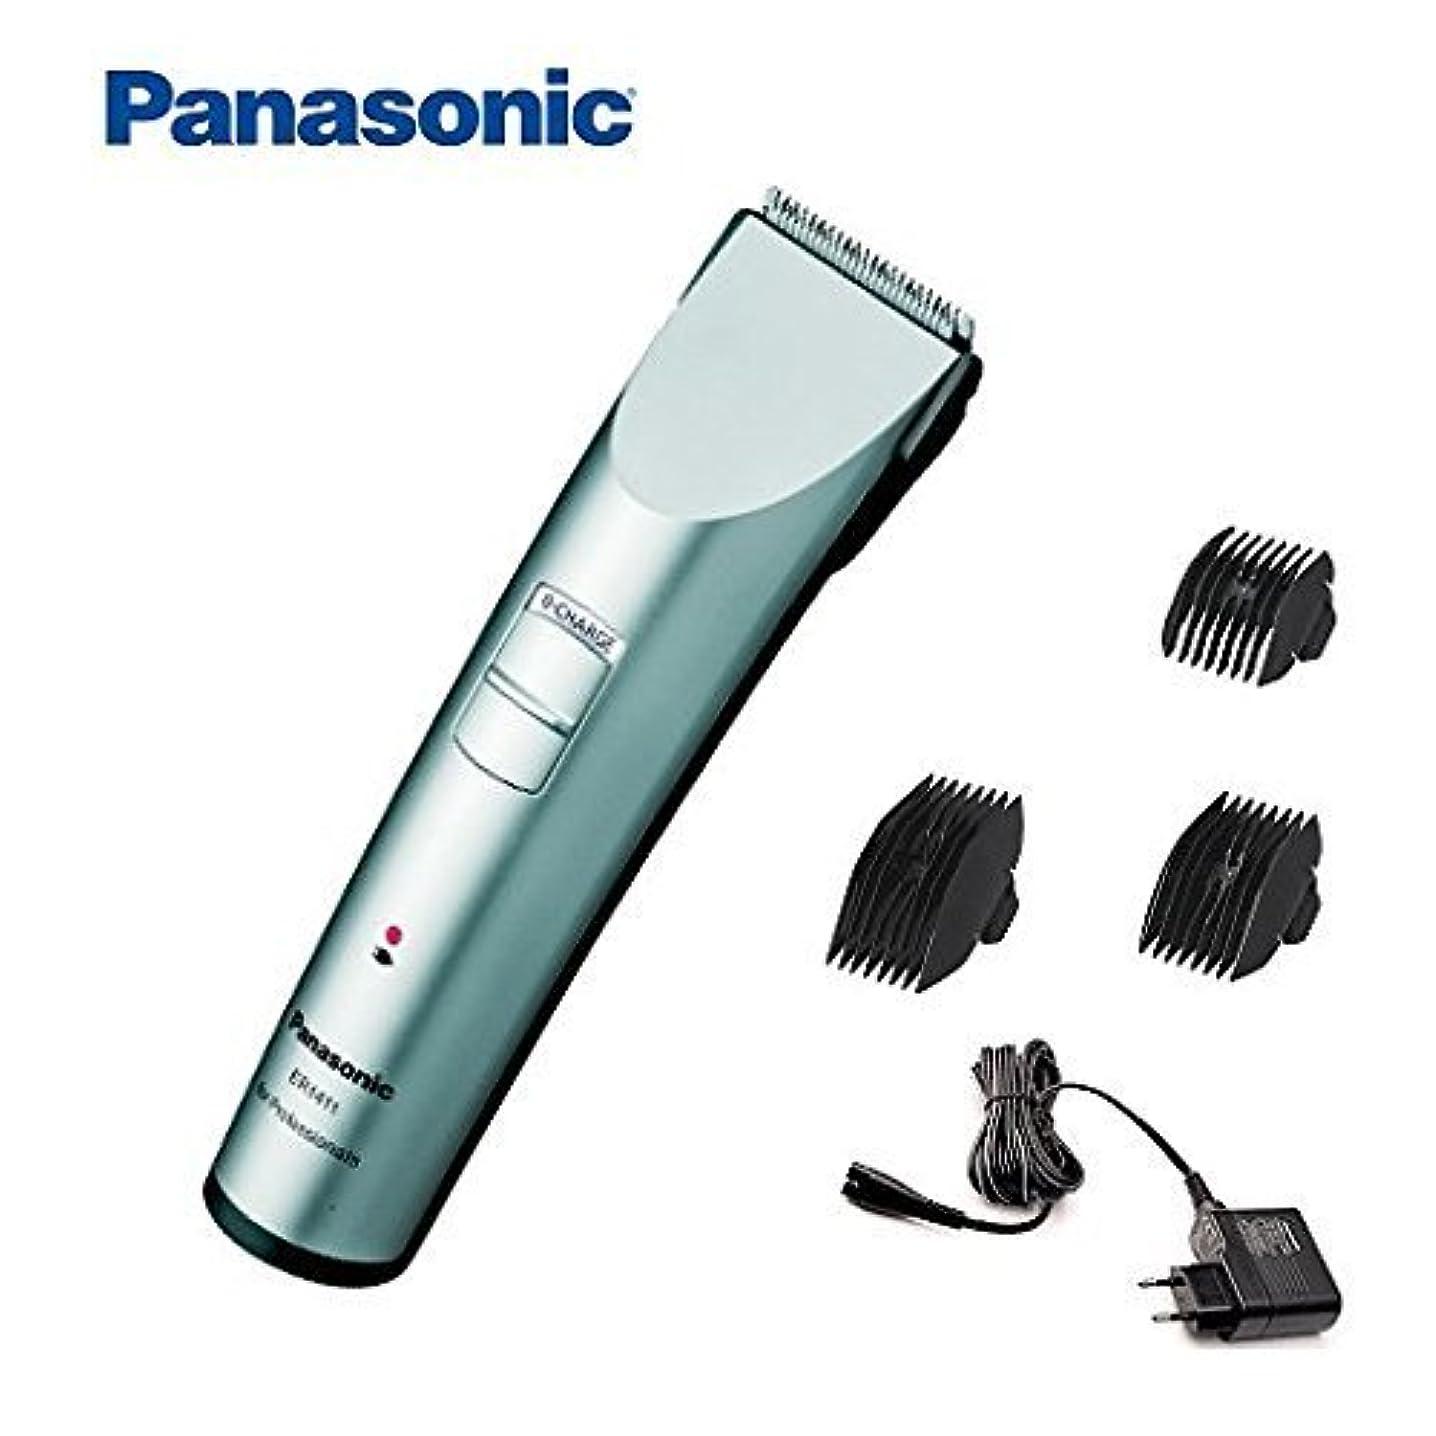 通り抜ける義務付けられた引き受けるNew Panasonic ER1411 ER-1411 ER1411s Cord/Cordless Professional Hair Clipper by Panasonic [並行輸入品]